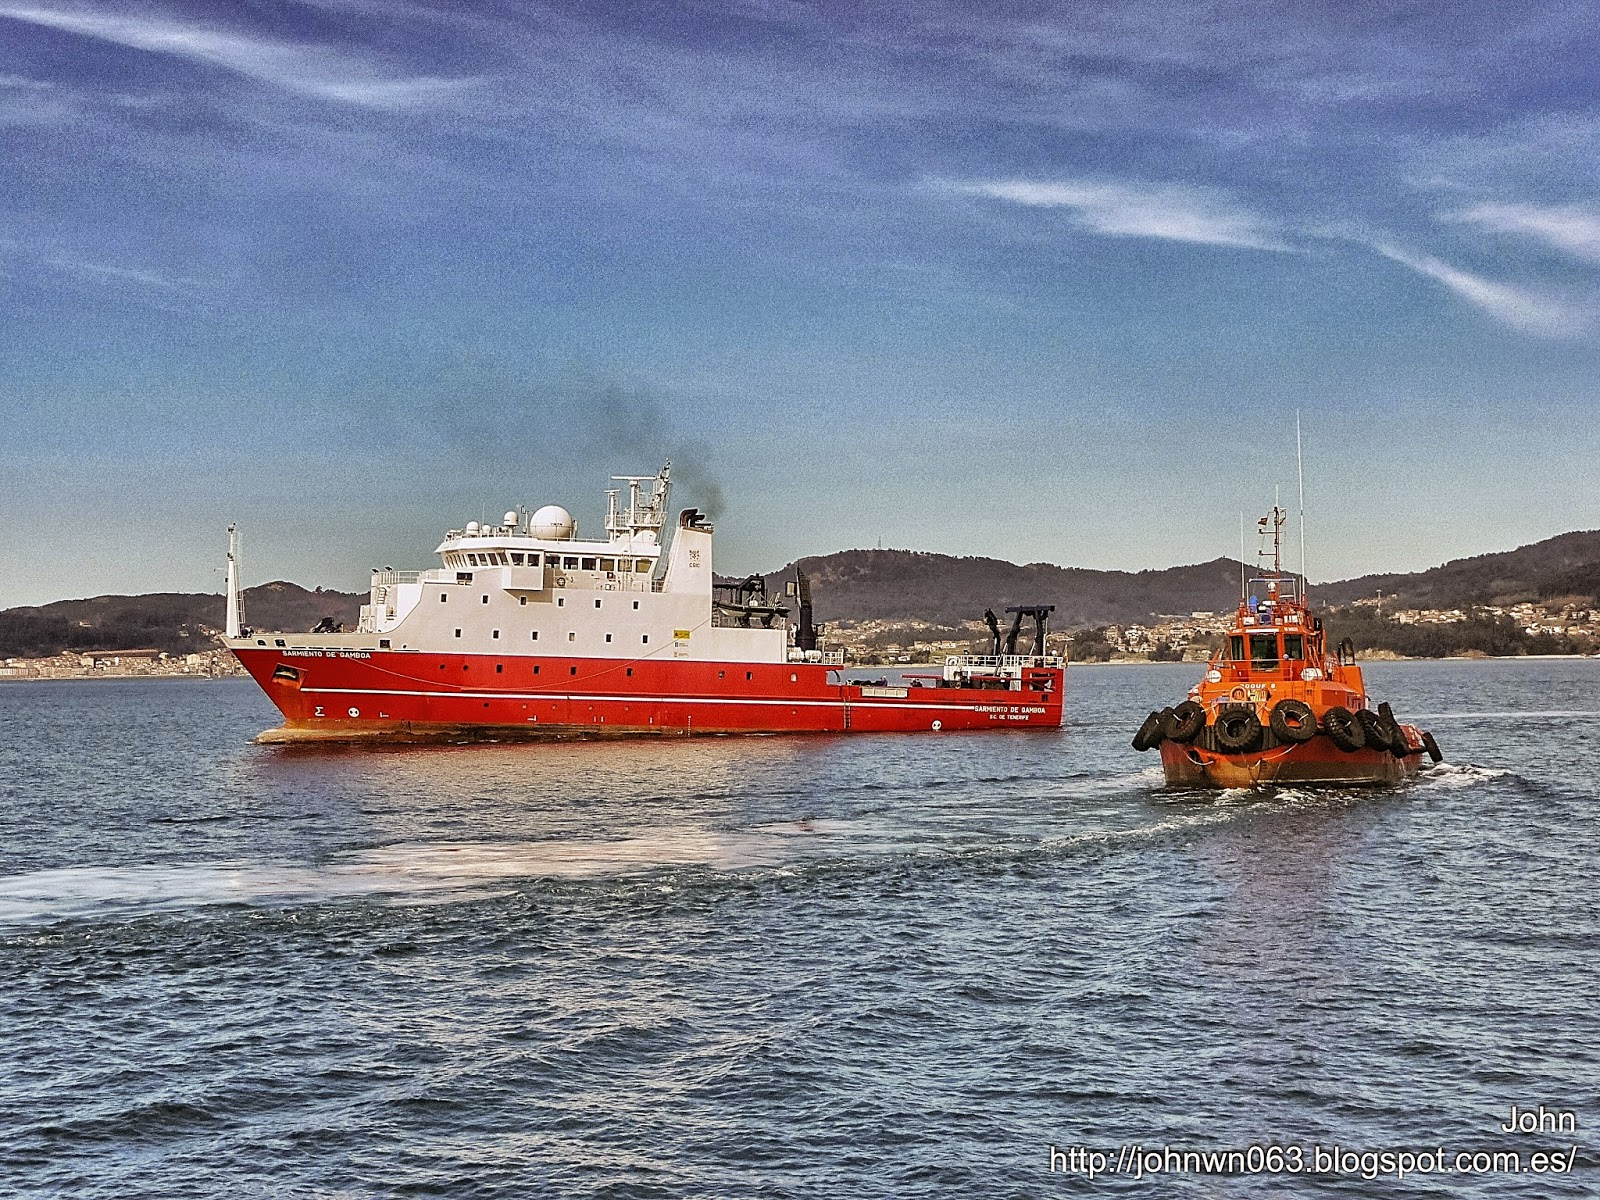 fotos de barcos, imagenes de barcos, sarmiento de gamboa, oceanográfico, vigo